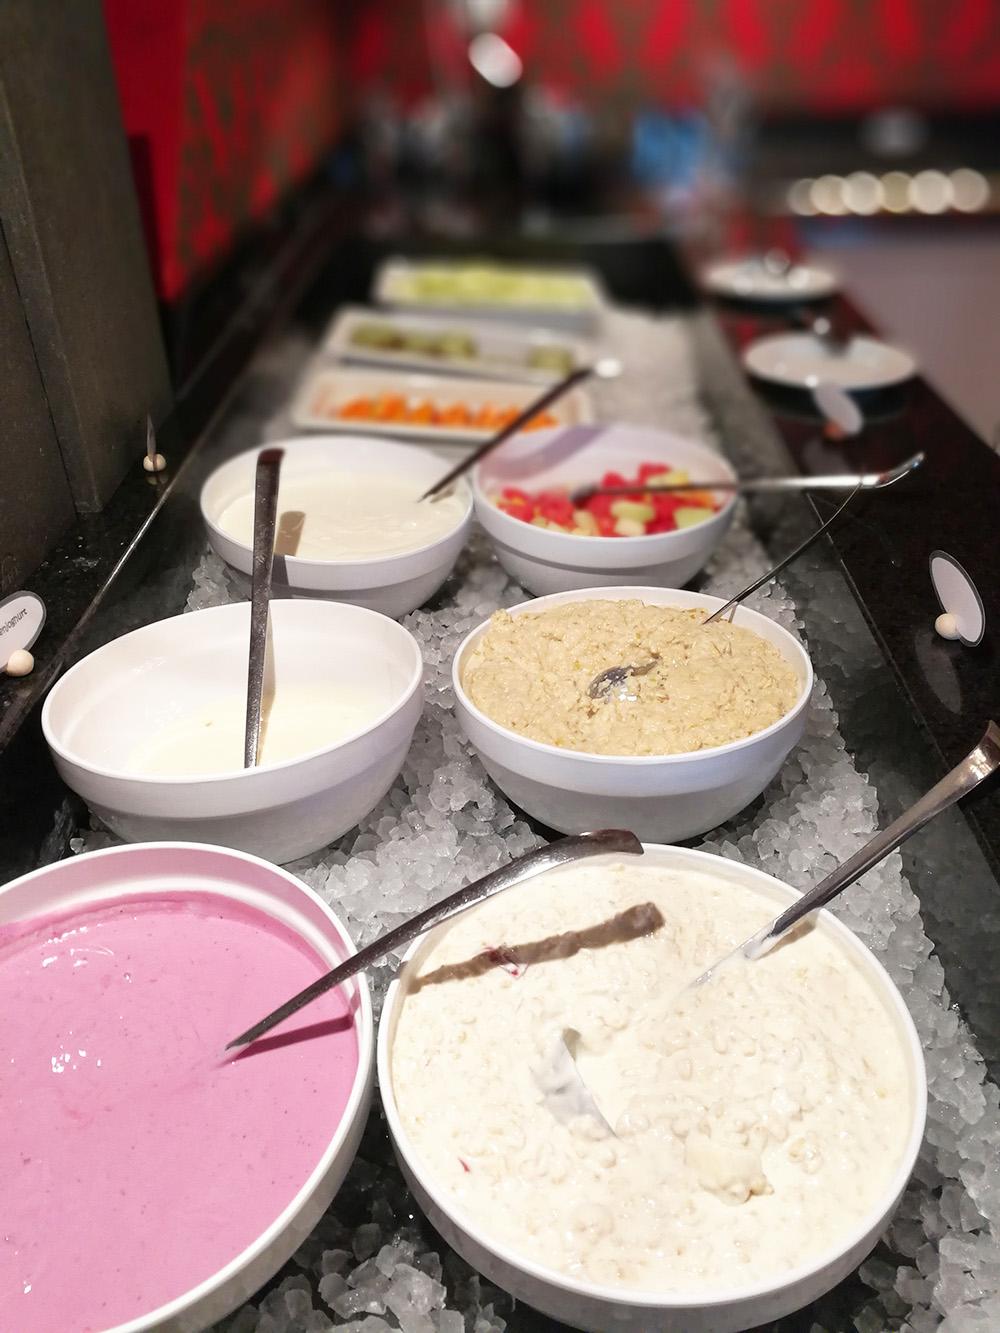 Märchenhotel Bellevue Müesli und frische Früchte beim Frühstück